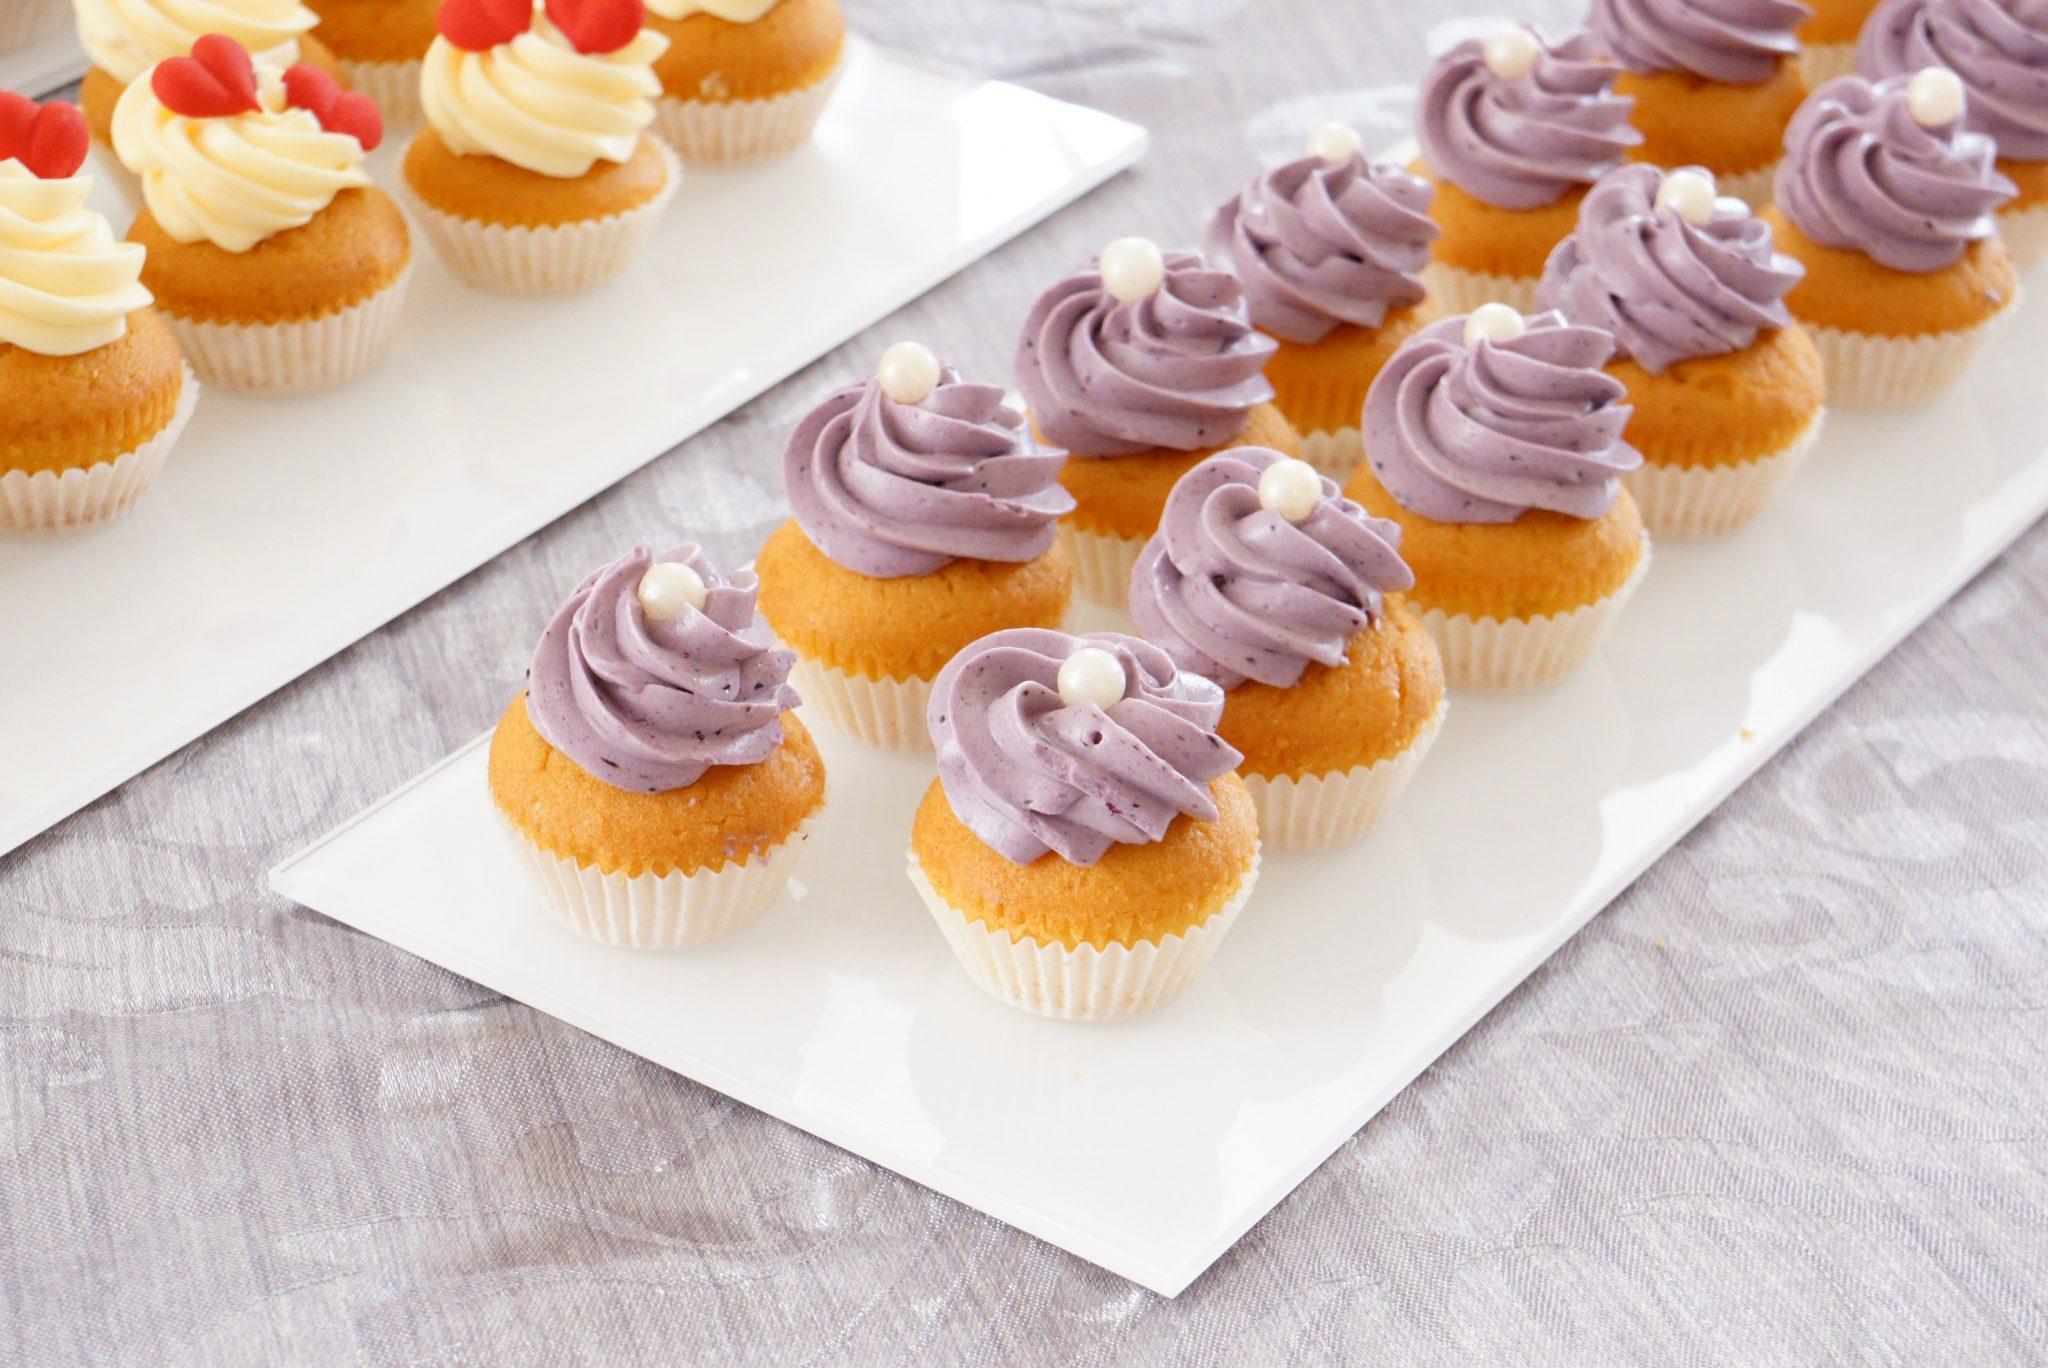 babeczki cupcake z jagodami z kremem jagodowym